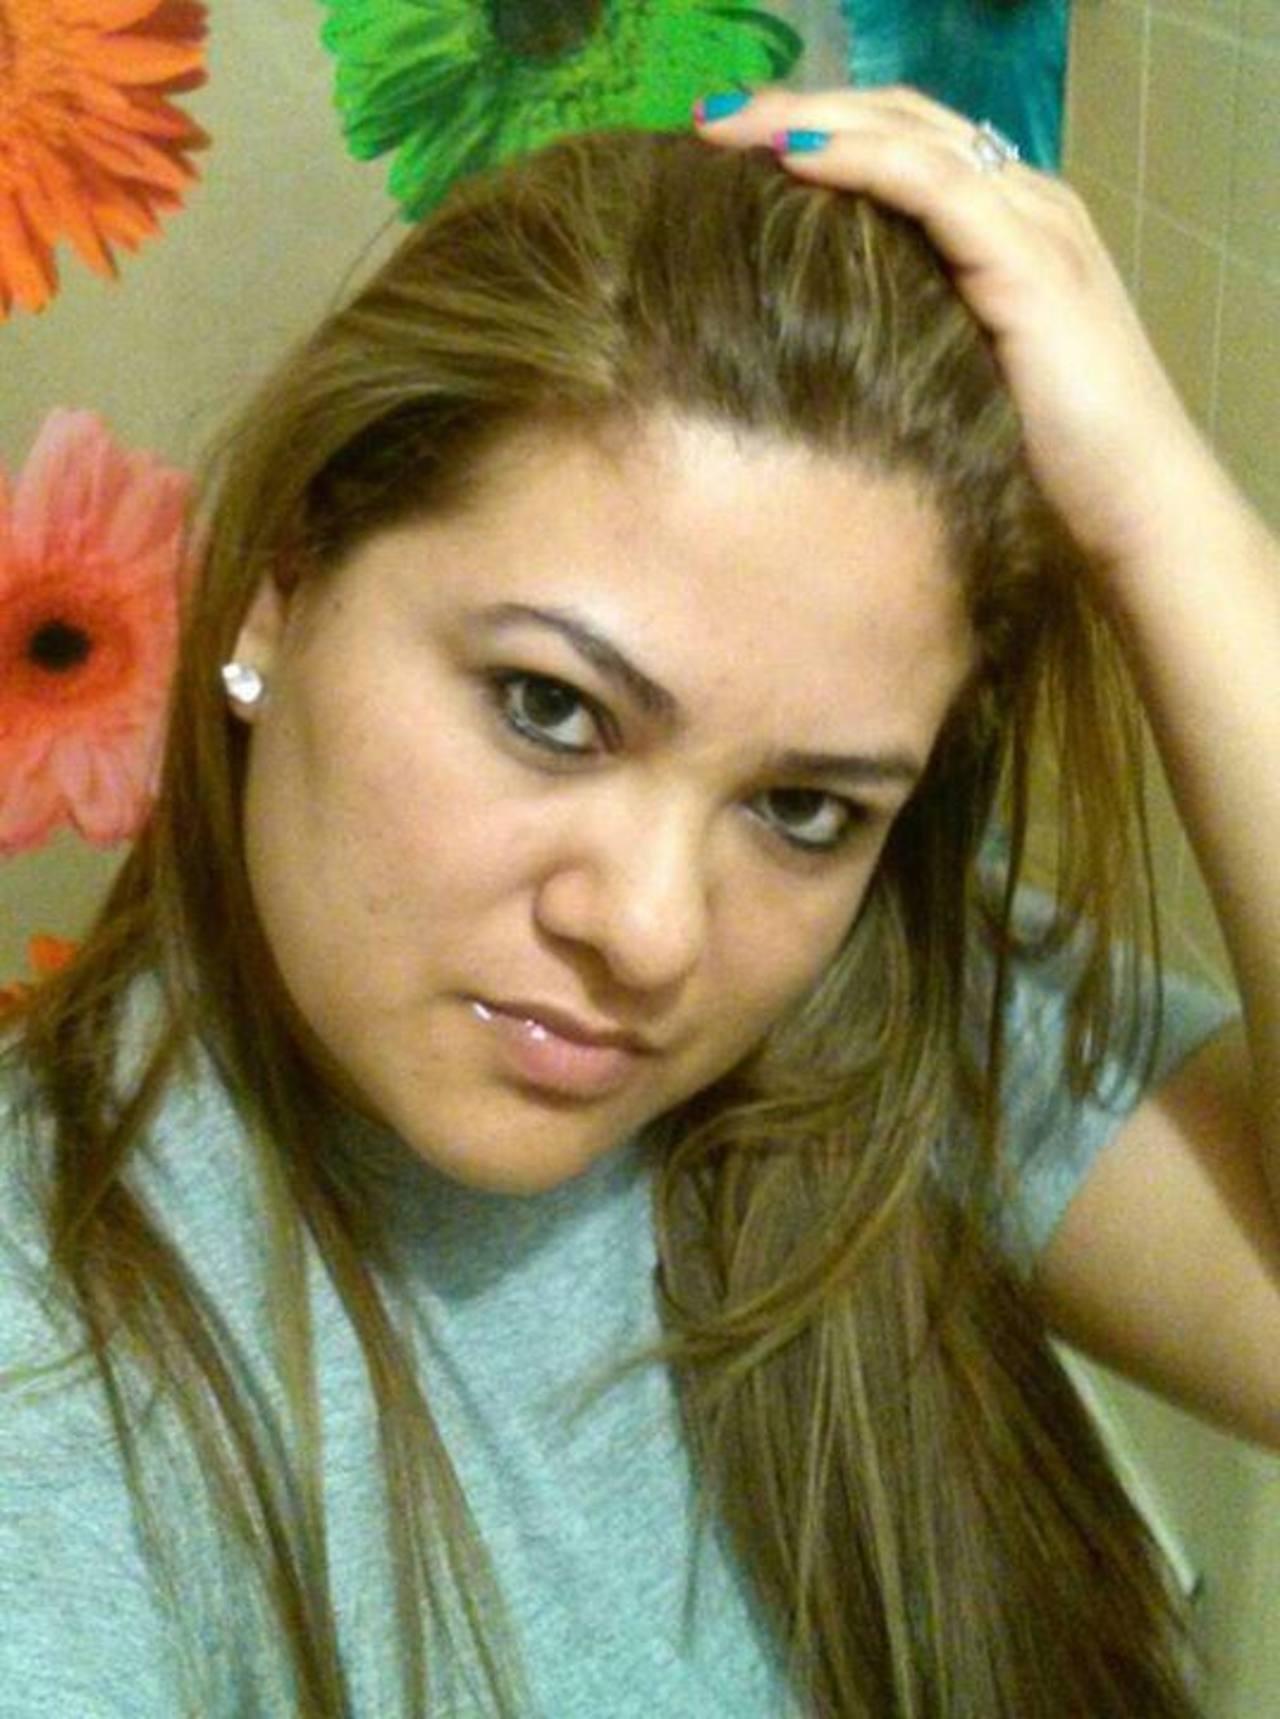 Verónica de los Ángeles Vásquez desapareció el recién pasado lunes 19. Su auto tampoco aparece.